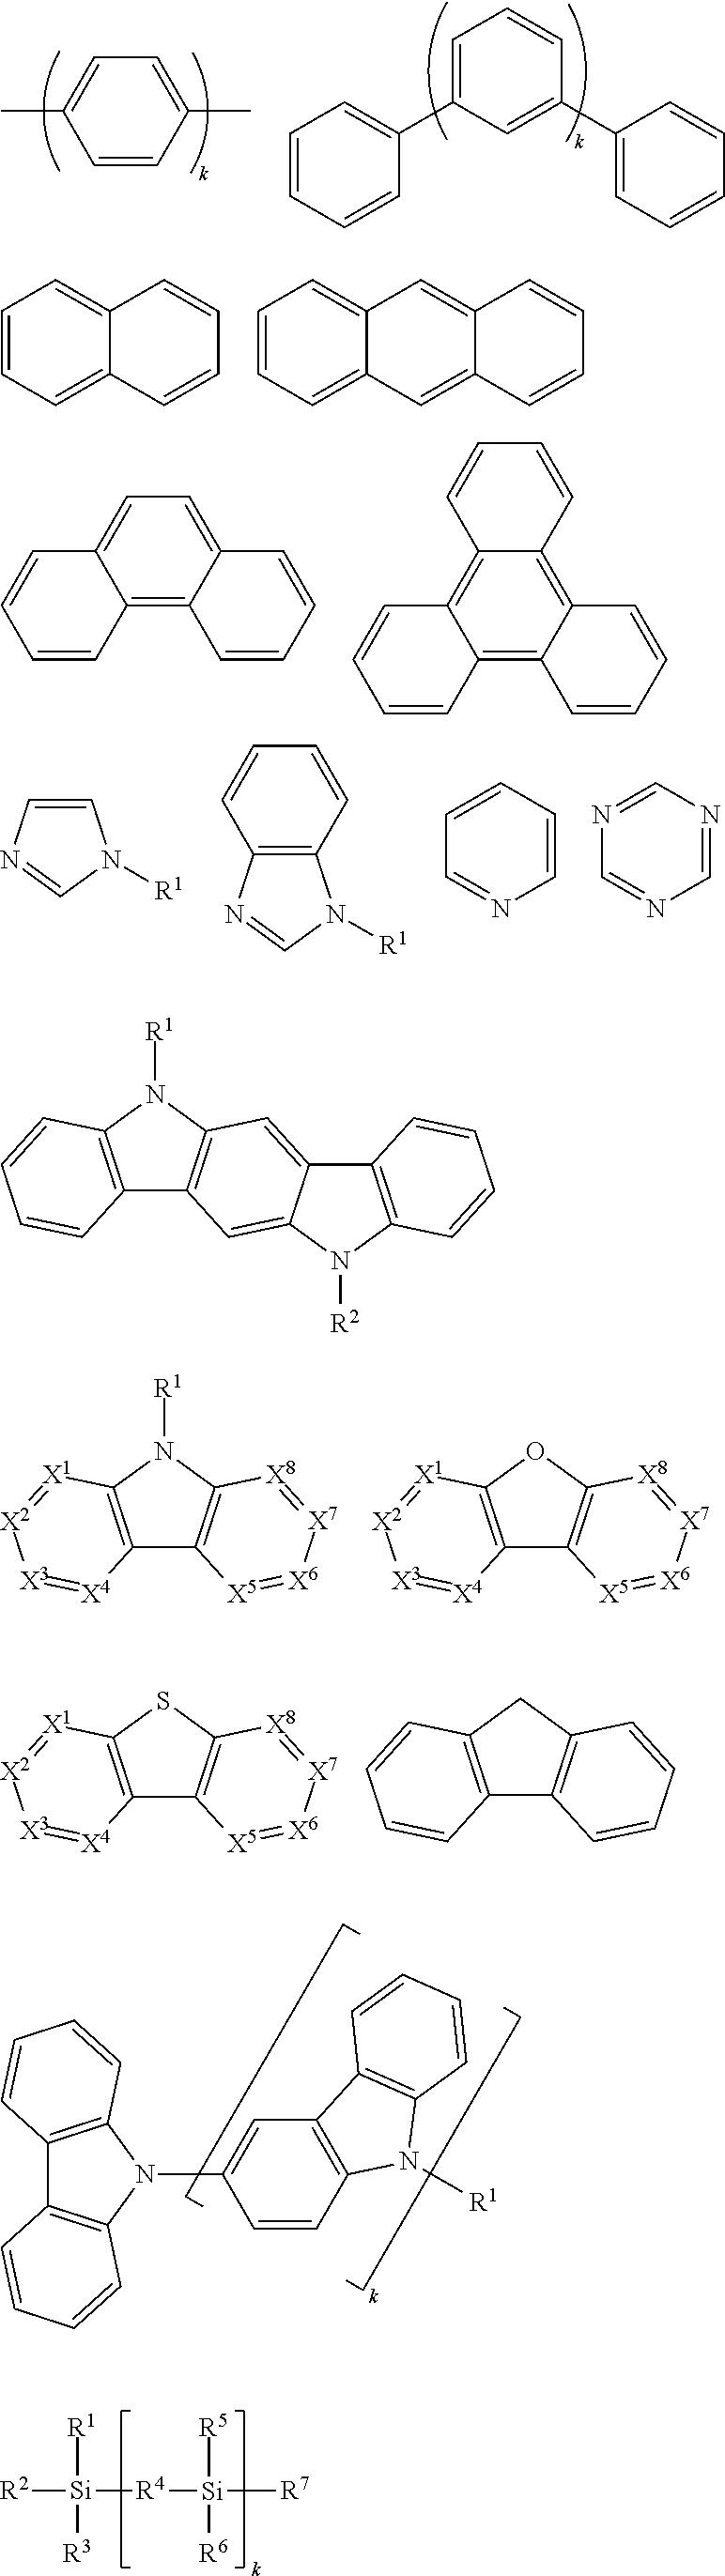 Figure US08927308-20150106-C00007